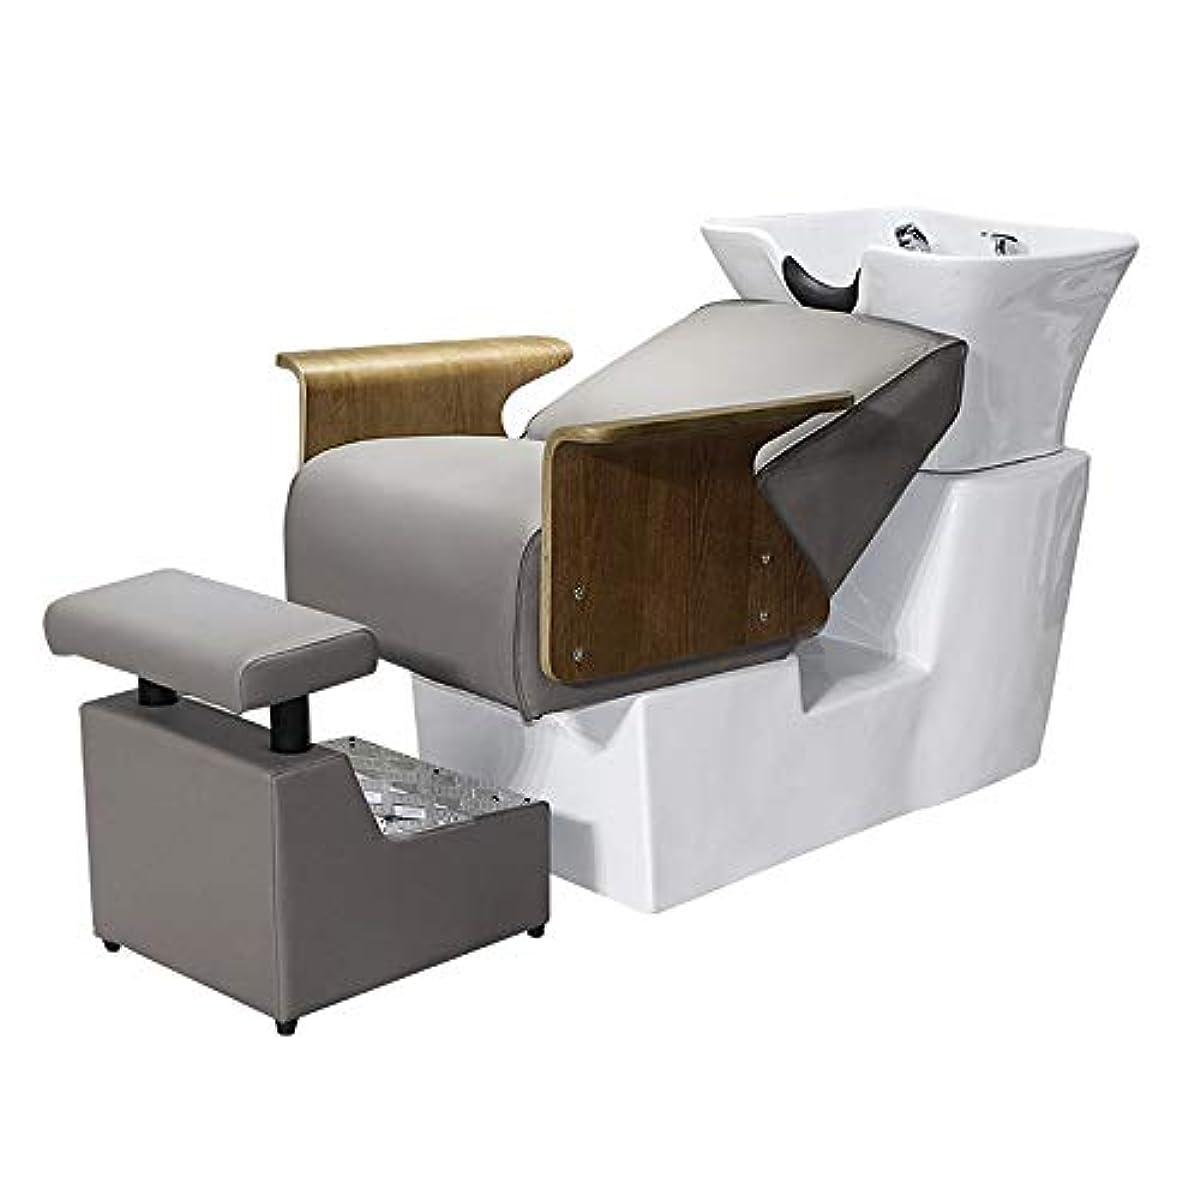 声を出して原理消化器シャンプーの椅子、陶磁器の洗面器のシャンプーのベッドの逆洗の単位の鉱泉の美容院装置のためのシャンプーボールの理髪の流しの椅子